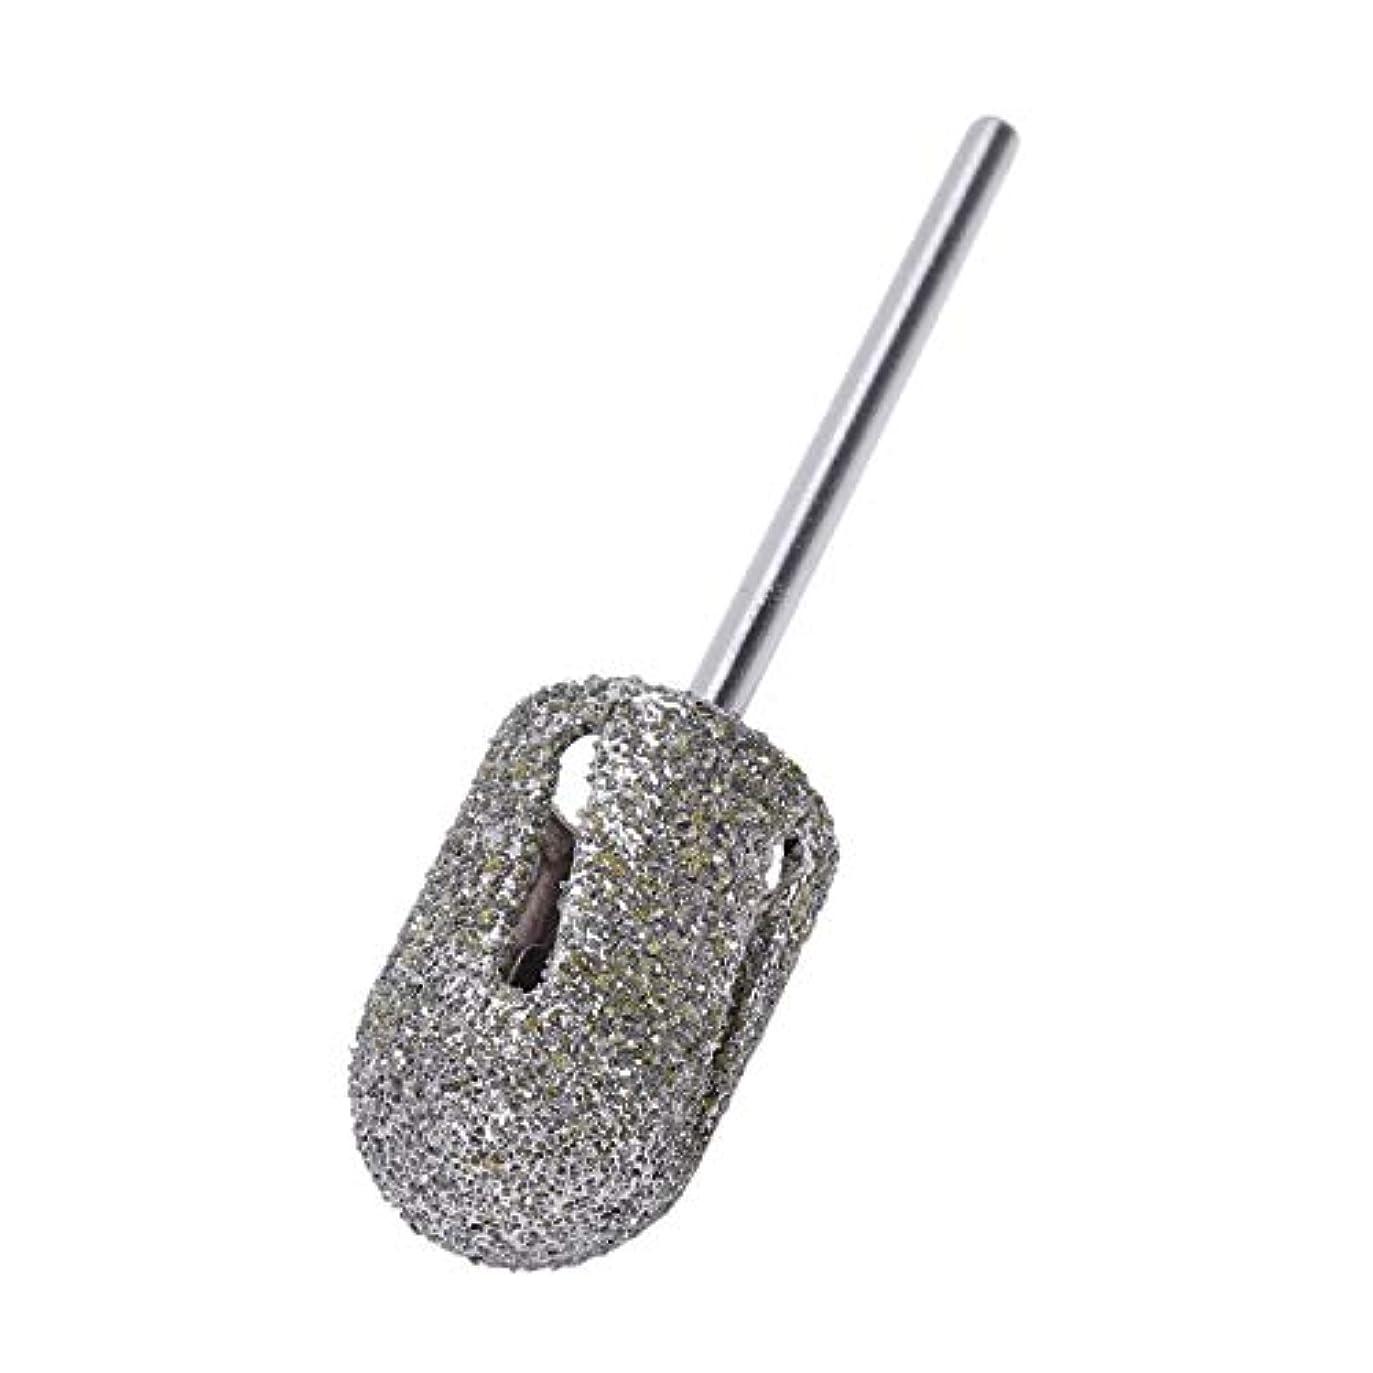 軌道フェザー分子RETYLY ダイヤモンドドリルビットロータリー フットキューティクルクリーン マニキュアペディキュアツール ドリルアクセサリー ネイルミルズ-1